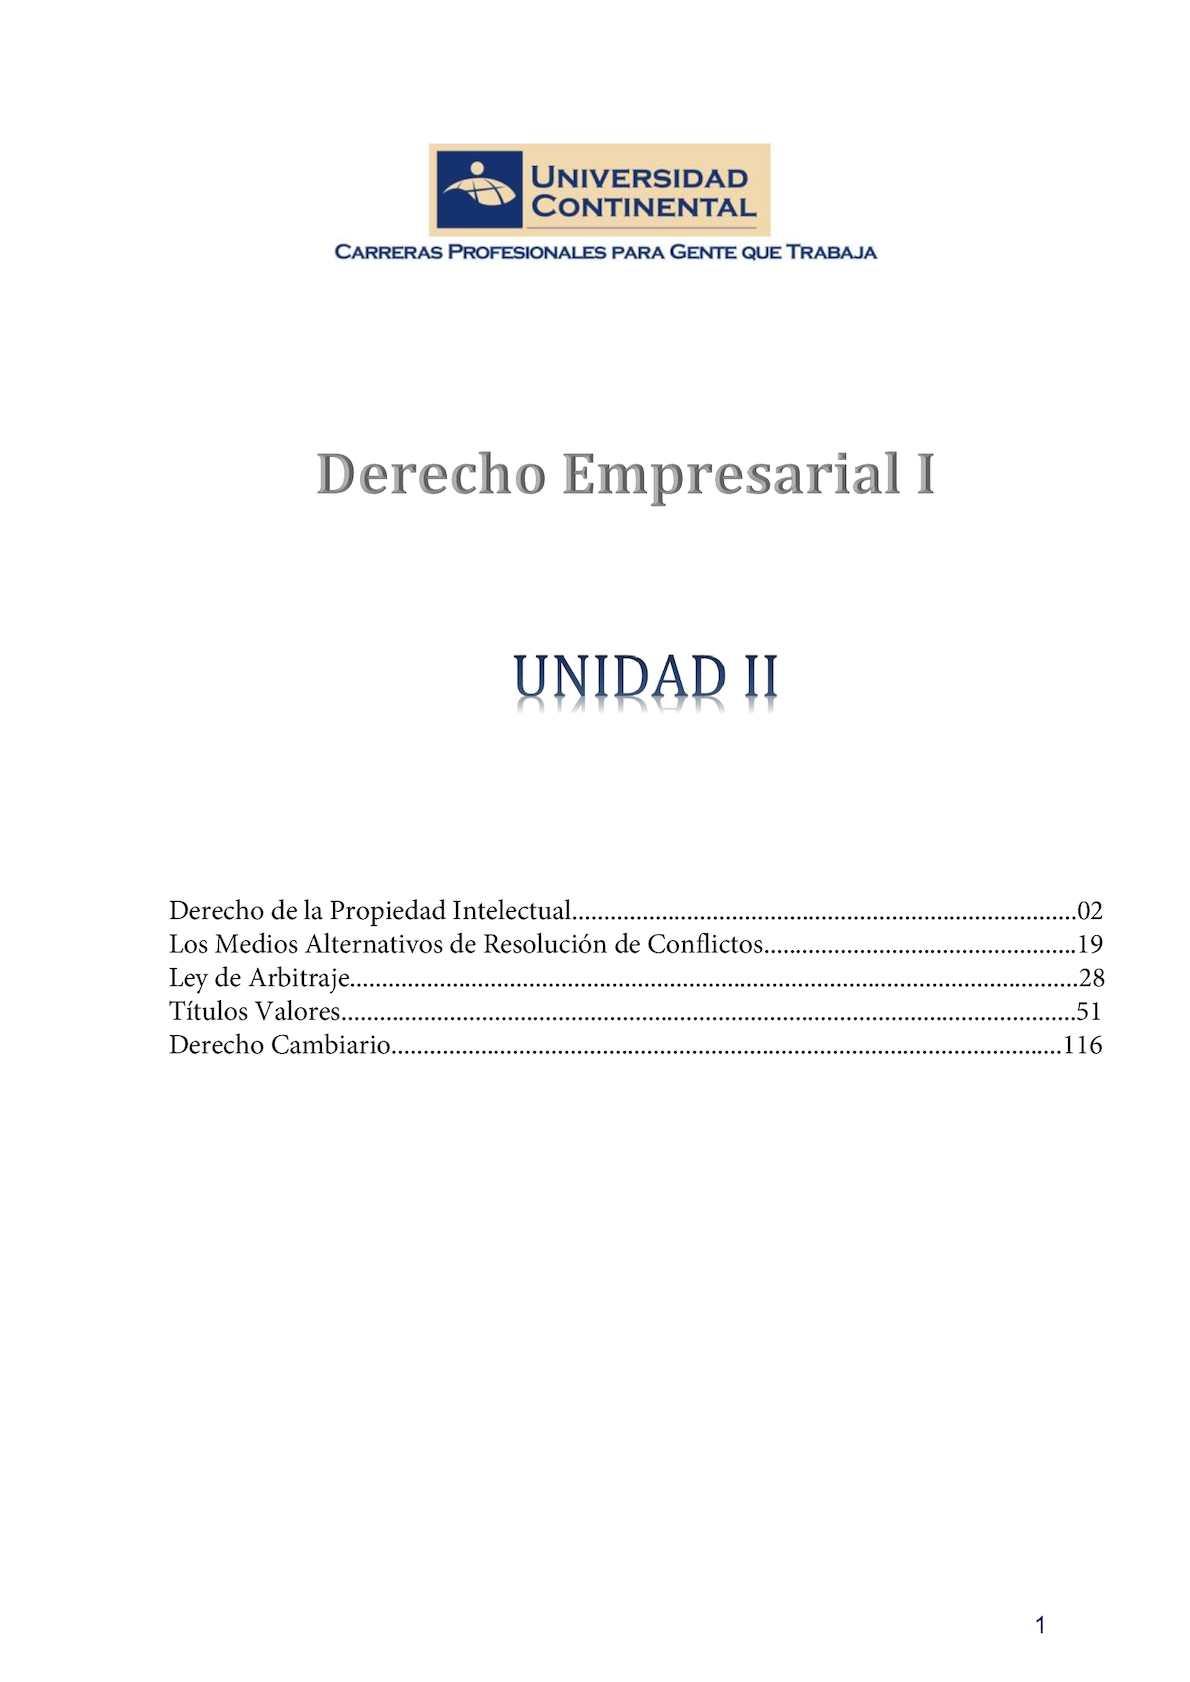 Calaméo - Derecho Empresarial I Unidad Ii